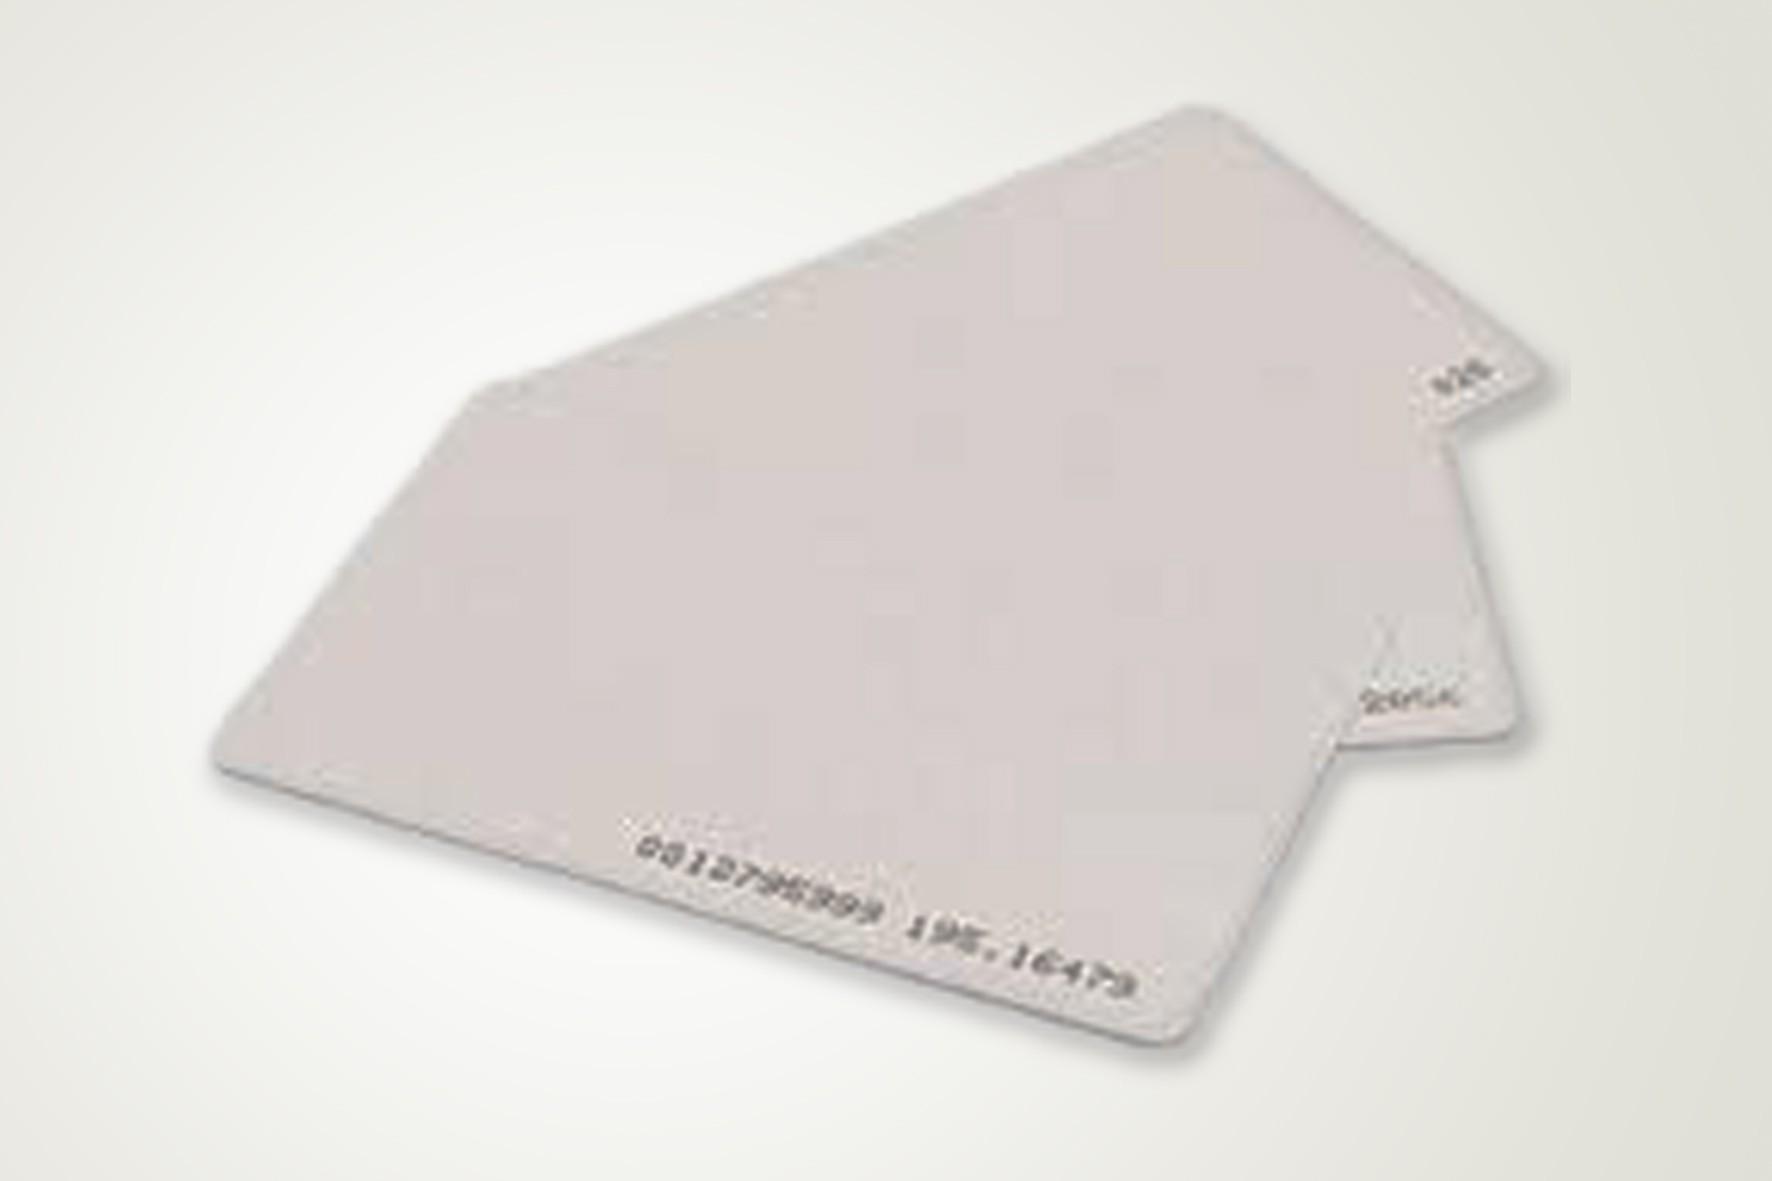 Cartões com Chip de Proximidade no Parque Nações Unidas - Cartões em Pvc Branco